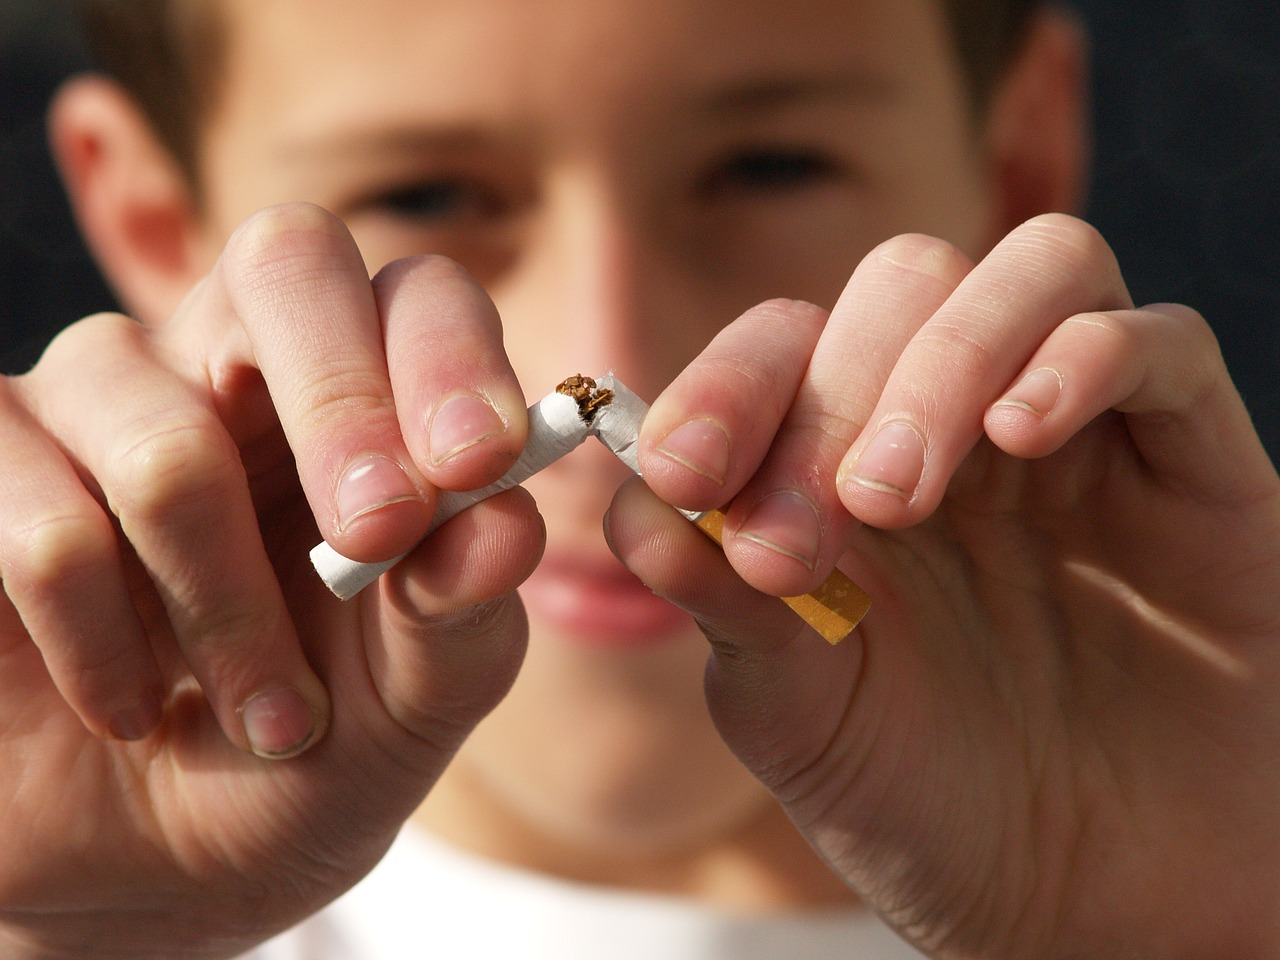 【新企画】タバコを辞めて、毎日500円分の仮想通貨を買おう!ゲーム感覚で禁煙する。